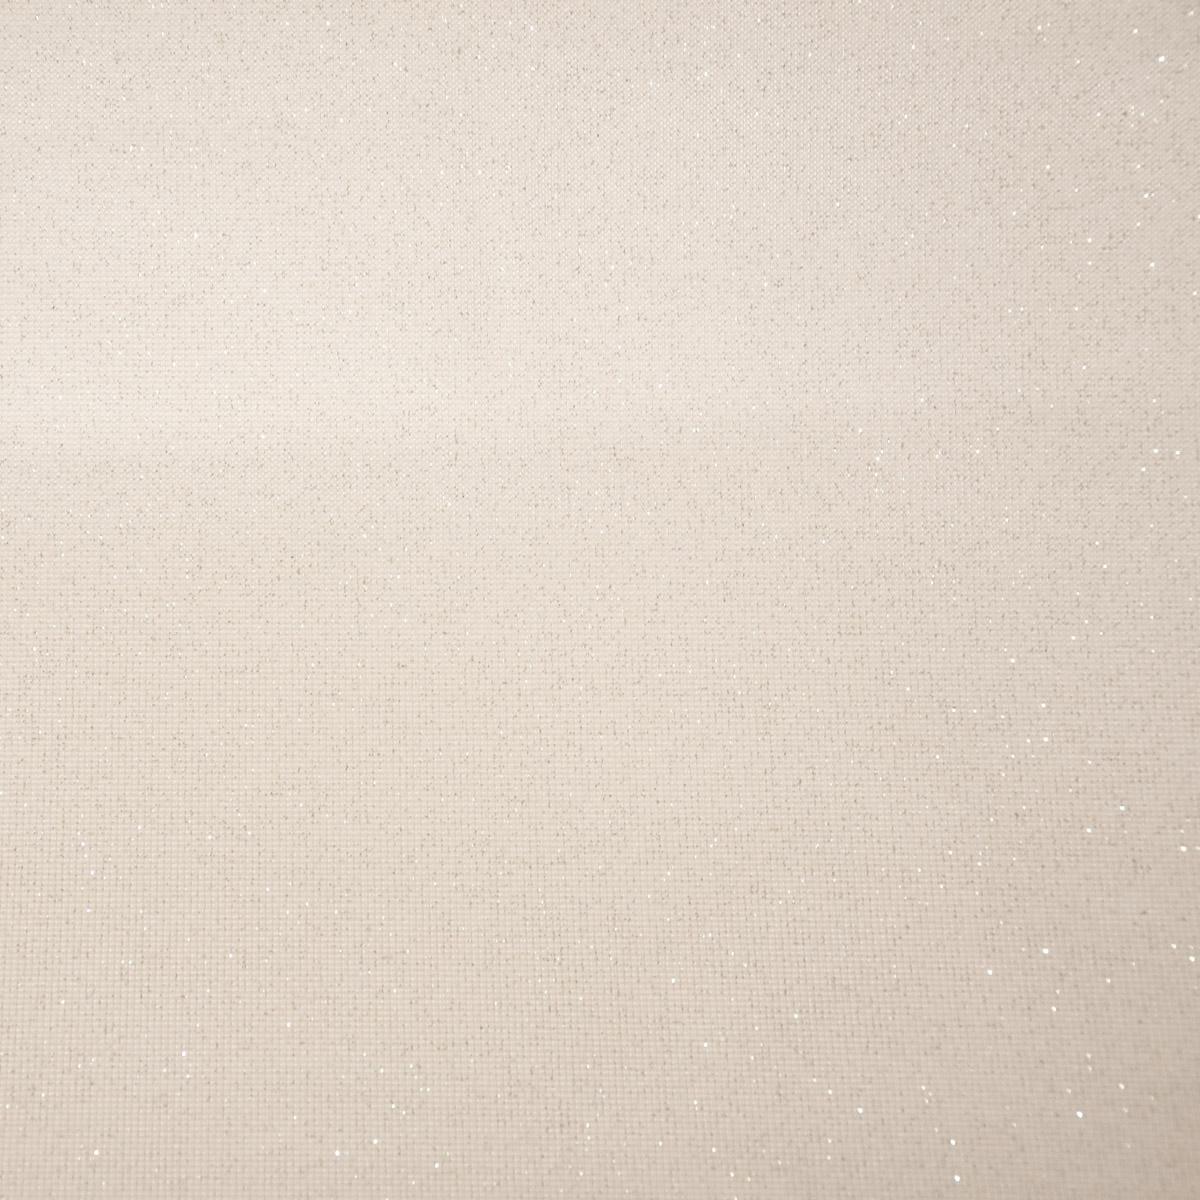 Kunstleder Lederimitat Bling Bling Glitzer creme weiß 1,4m Breite